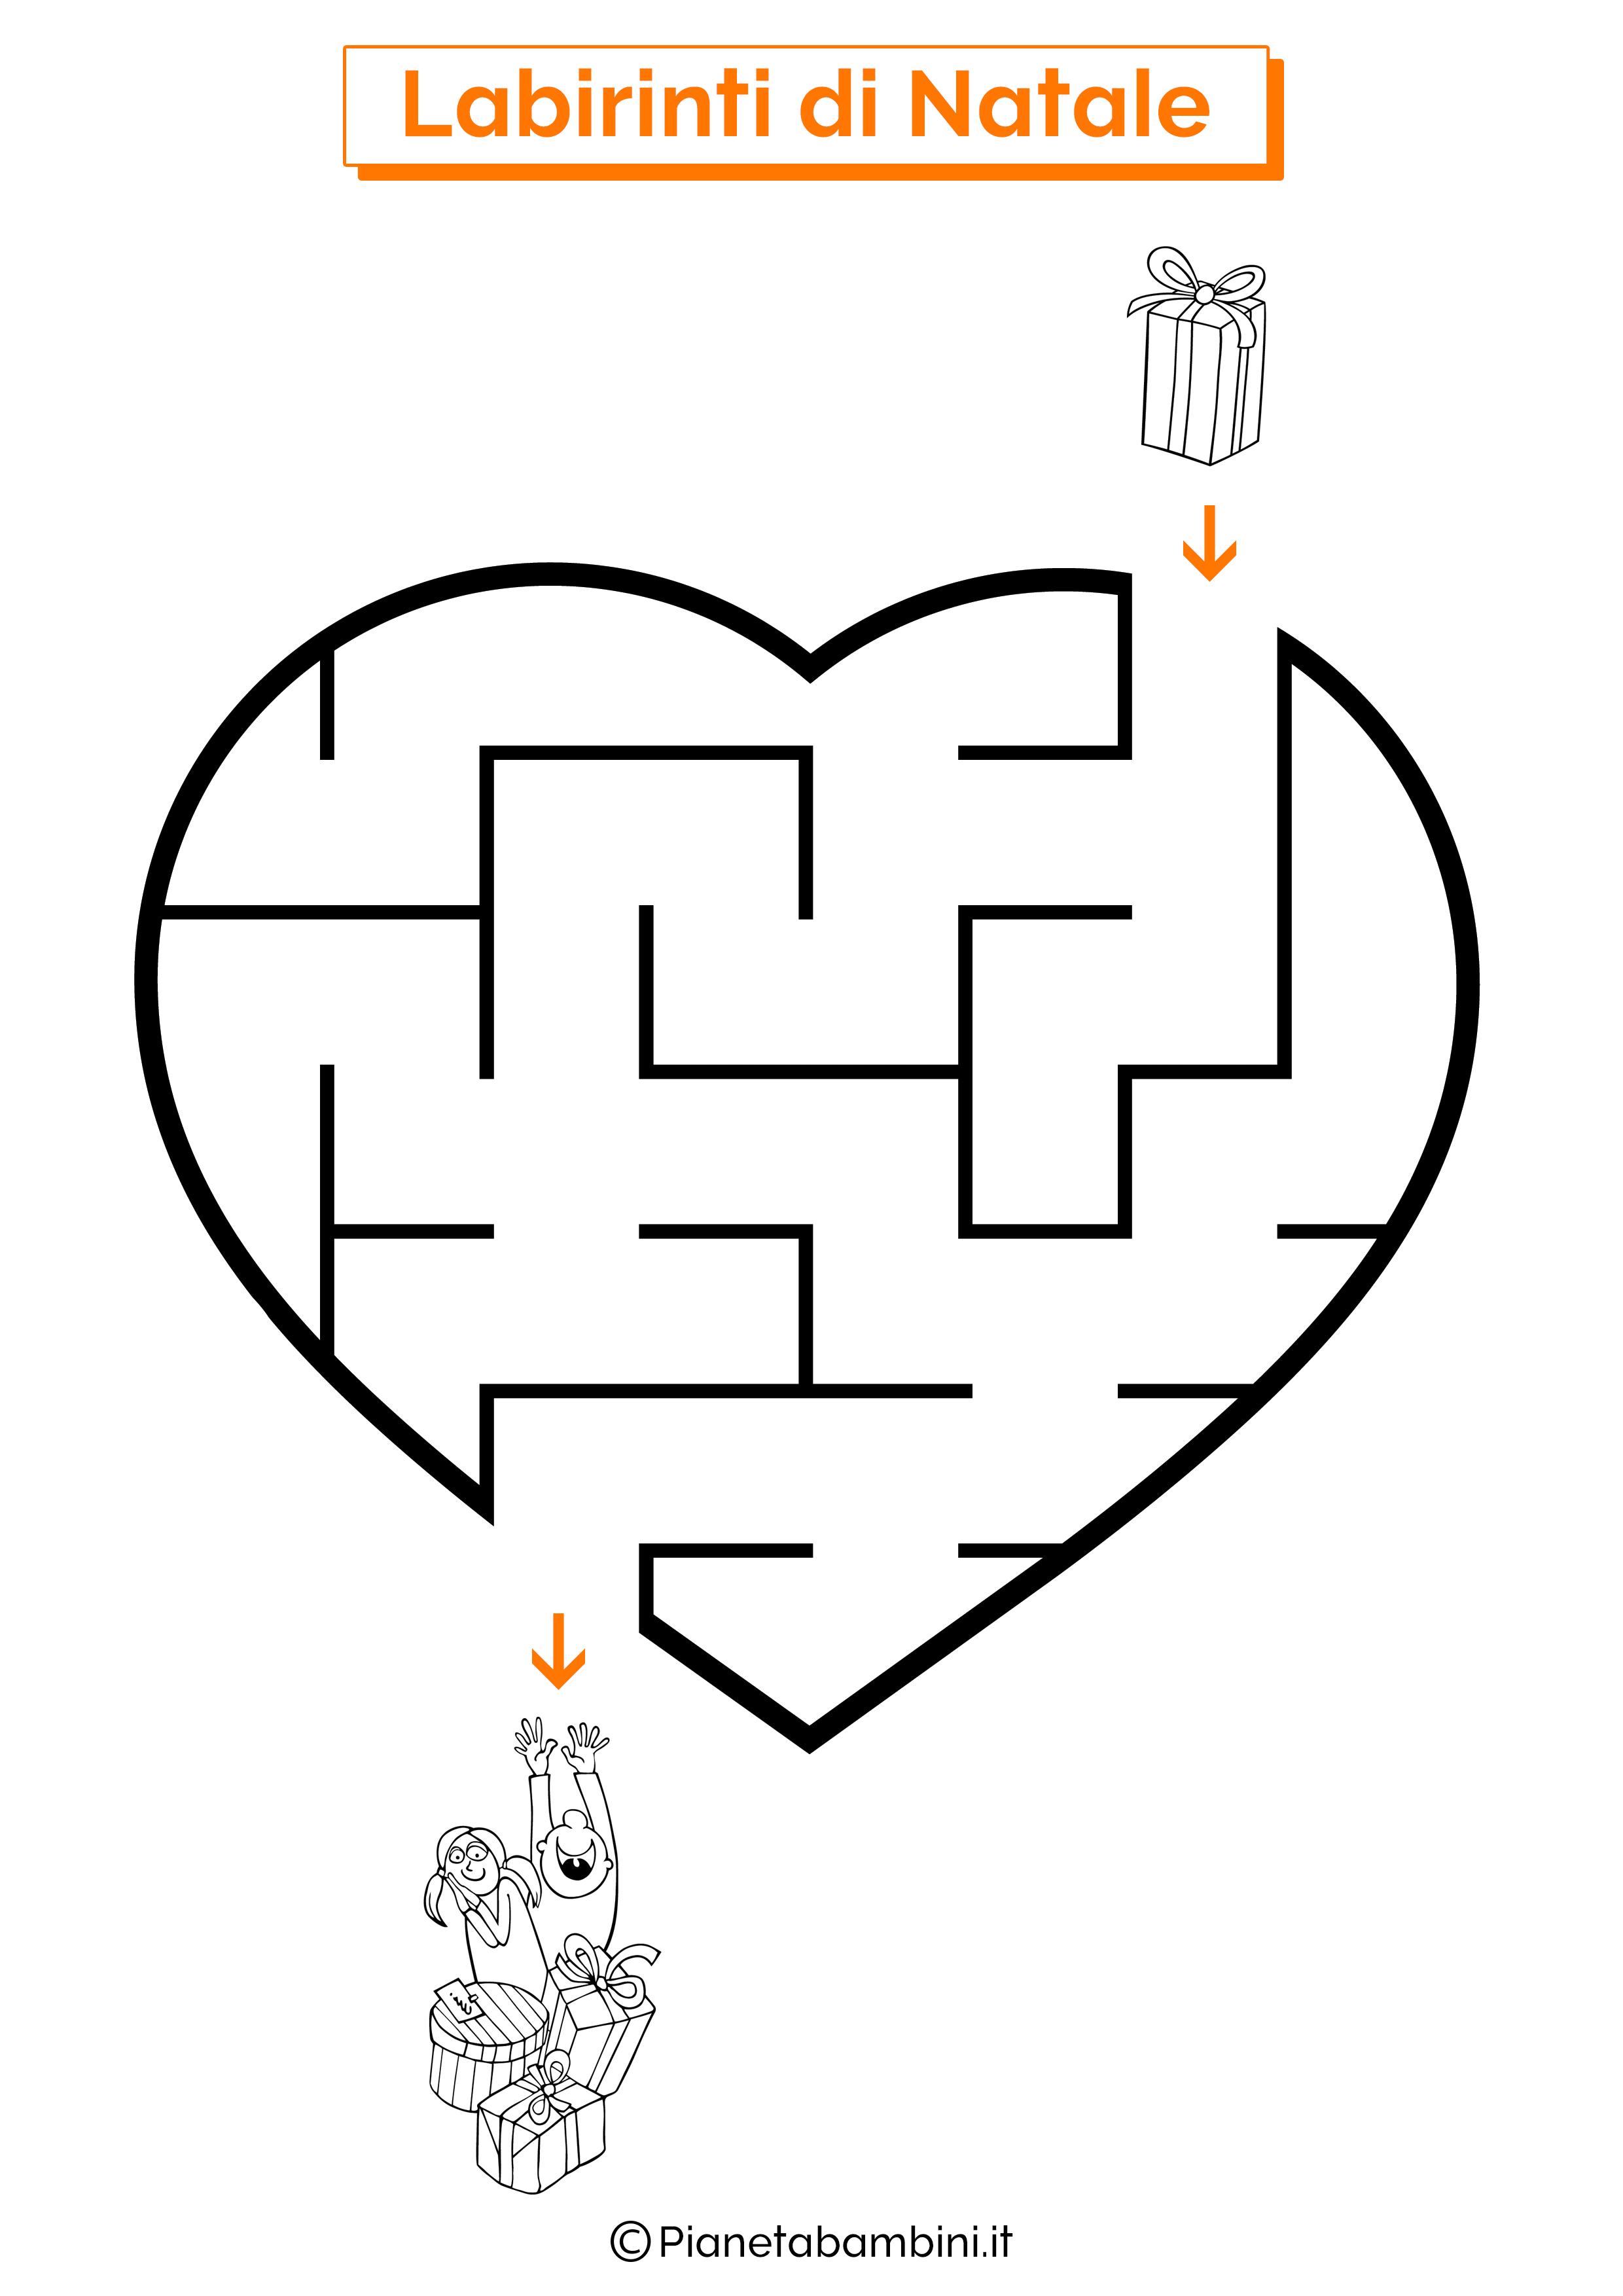 Labirinto di Natale da stampare 03